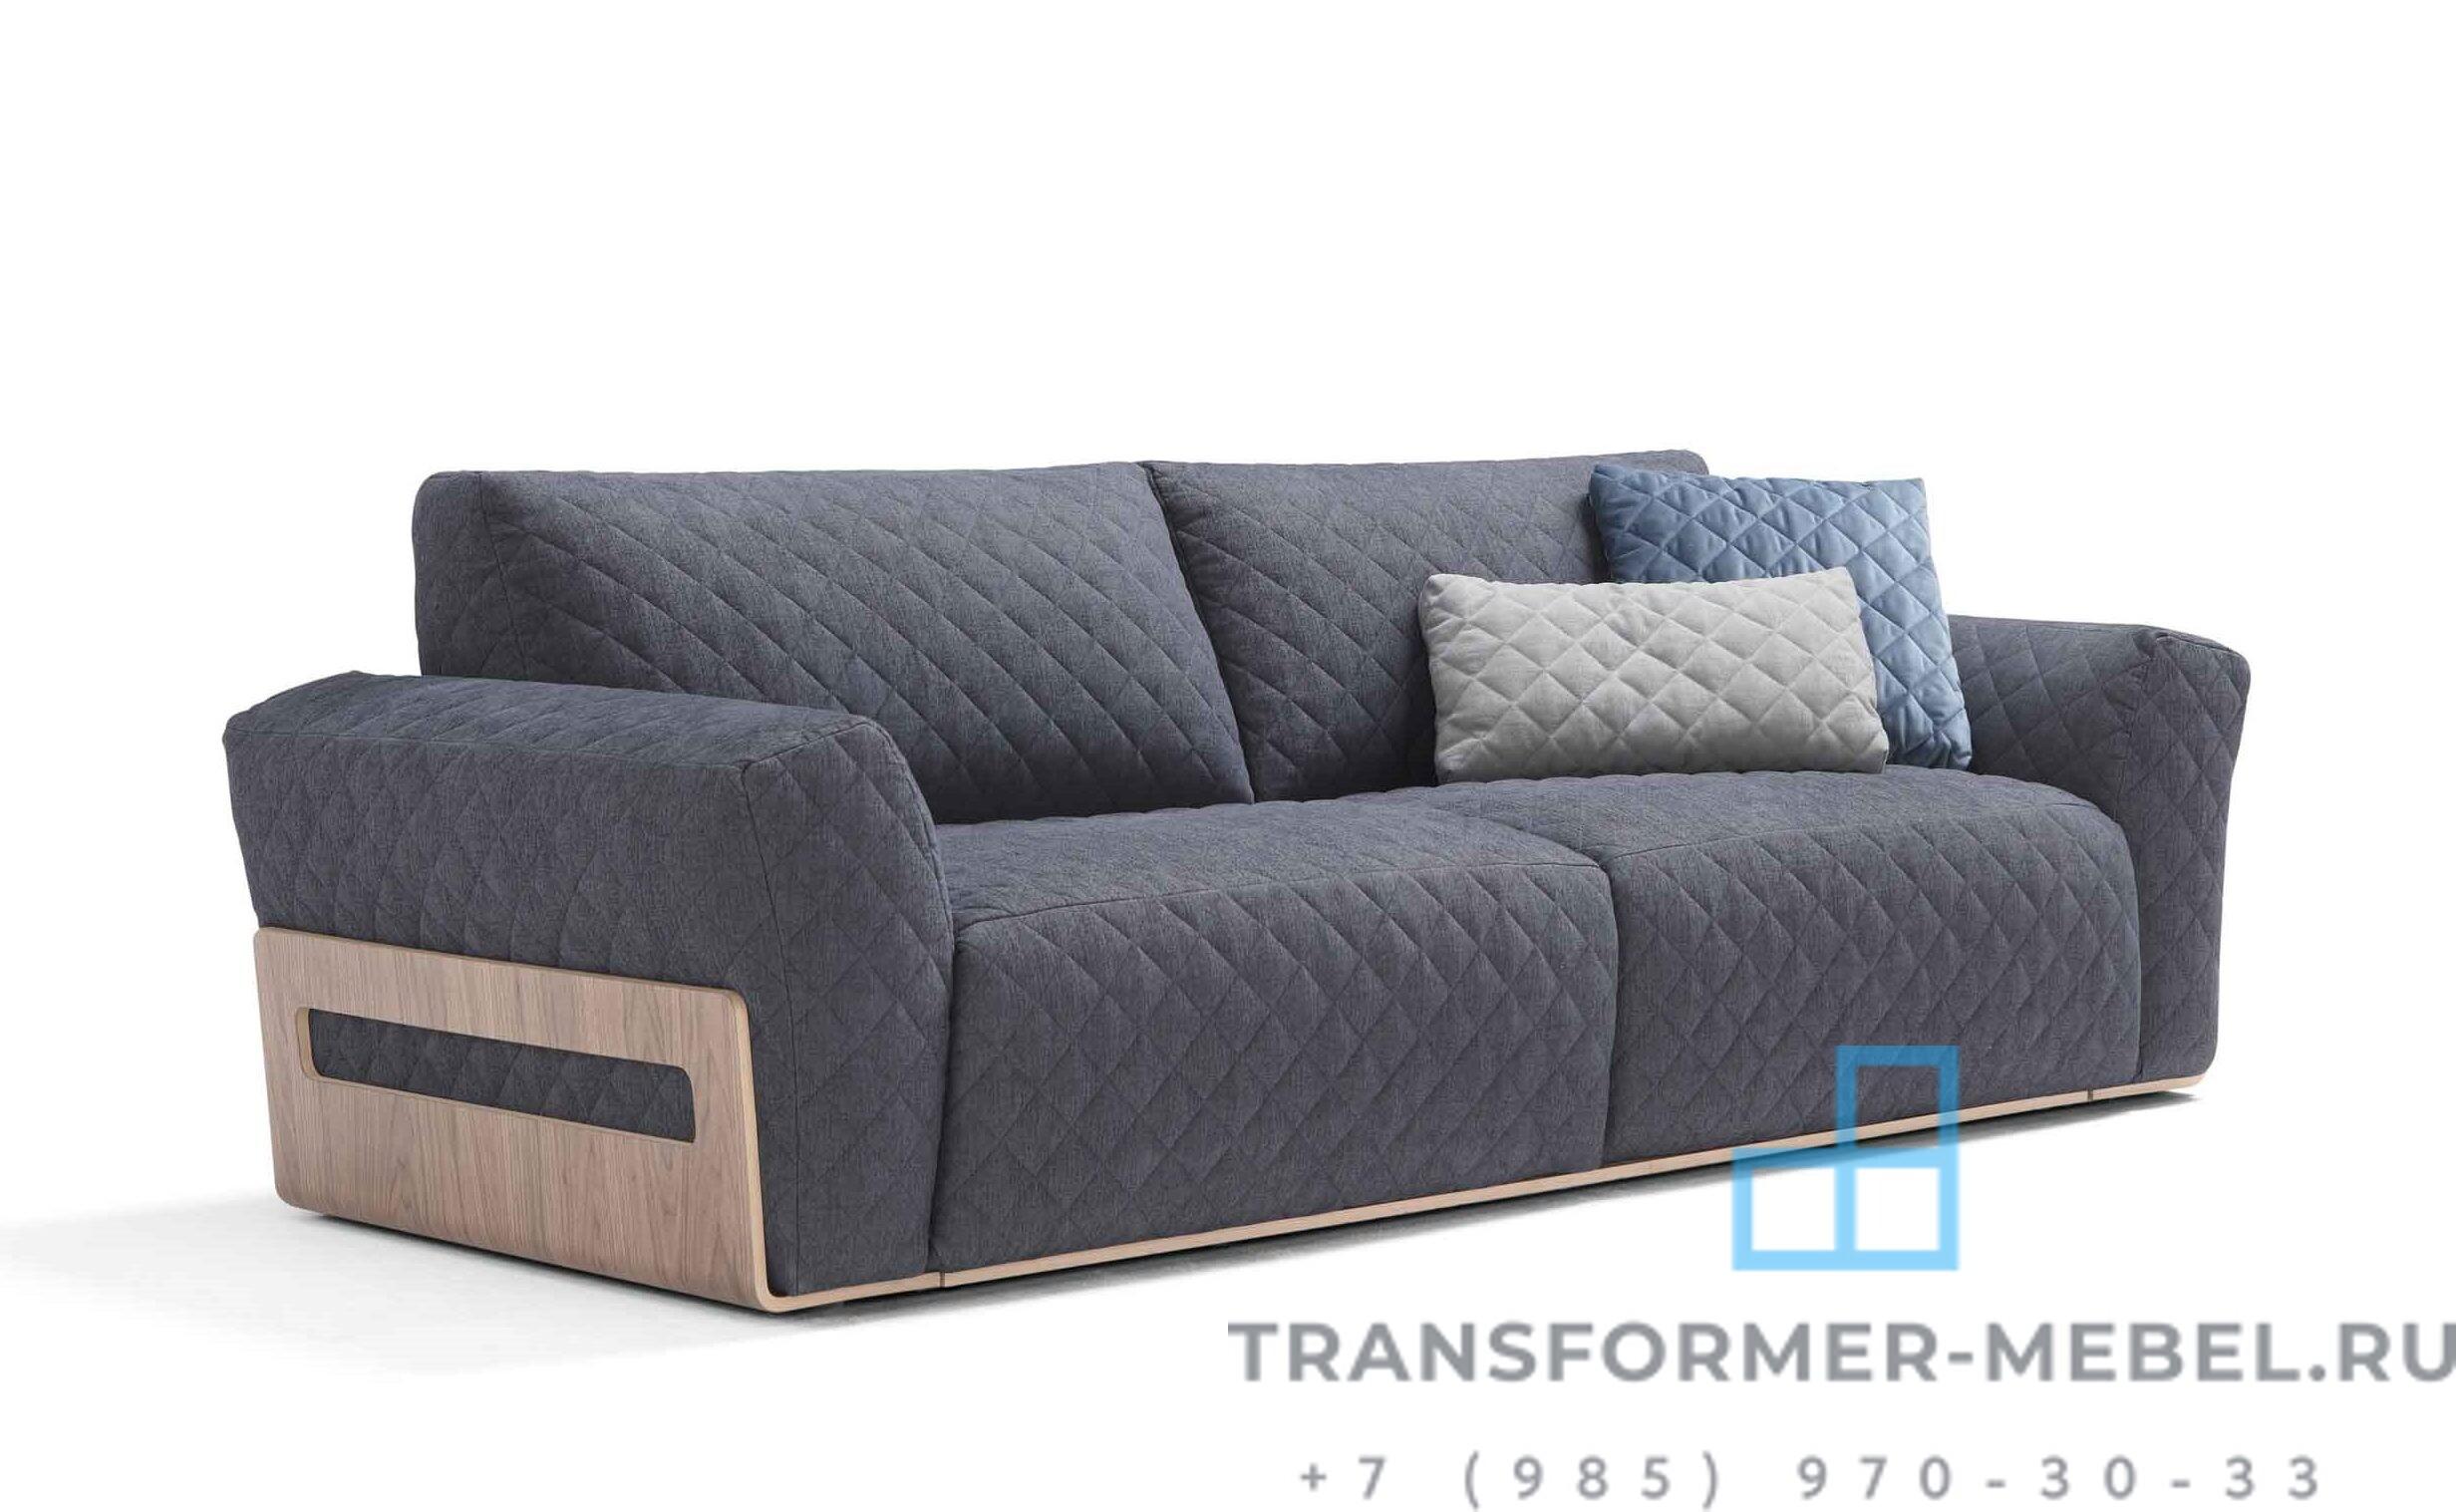 мебель трансформер диван кровать 1в